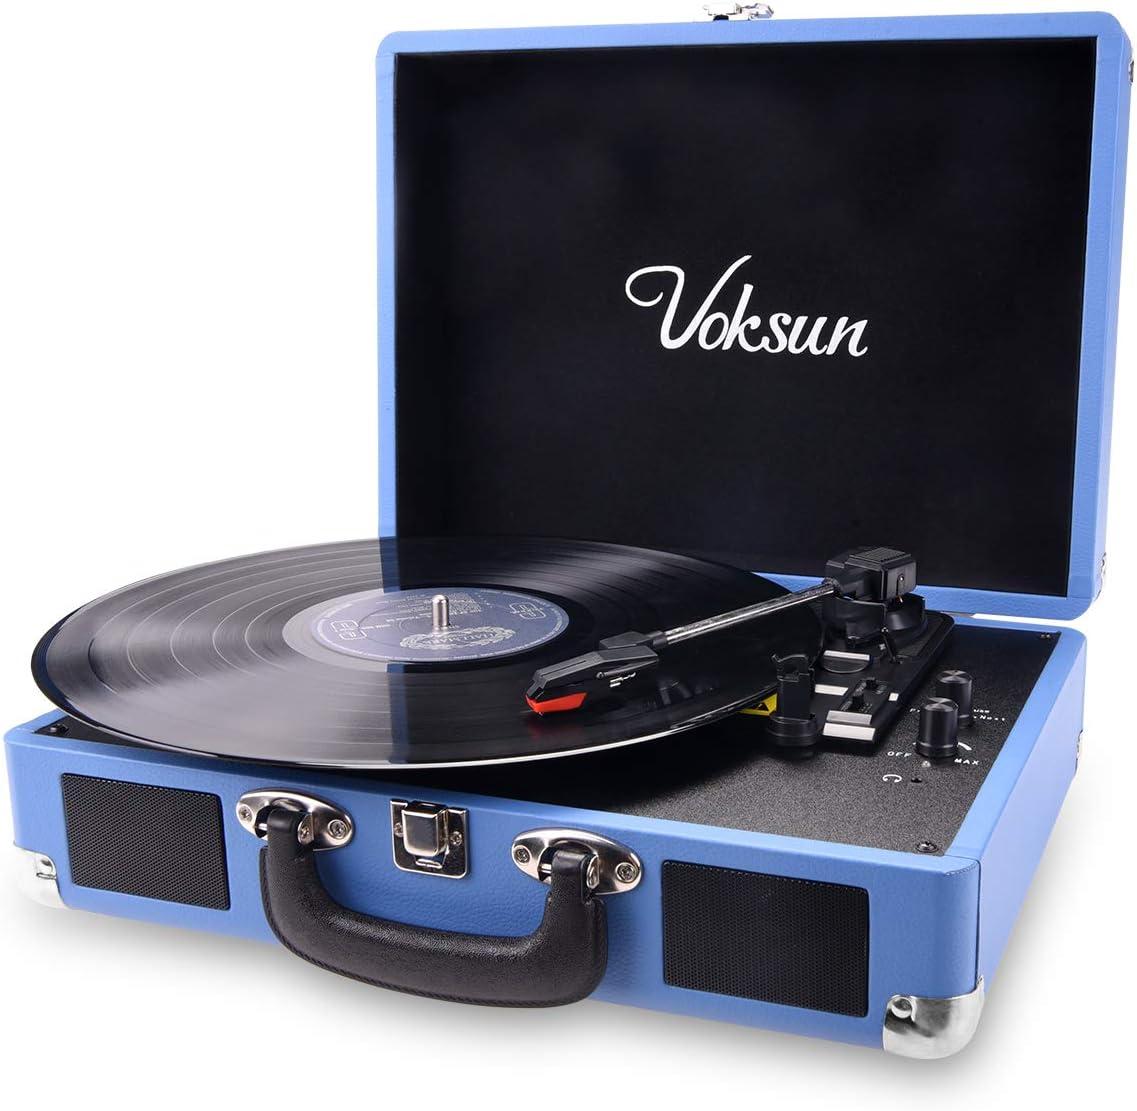 VOKSUN Tocadiscos, Bluetooth Tocadiscos Vinilo con 2 Altavoces incorporados, Reproductor de 3 Velocidades par 33/45/78 RPM, Admite Salida Salida Aux in/Transcripción de Vinilo a Mp3